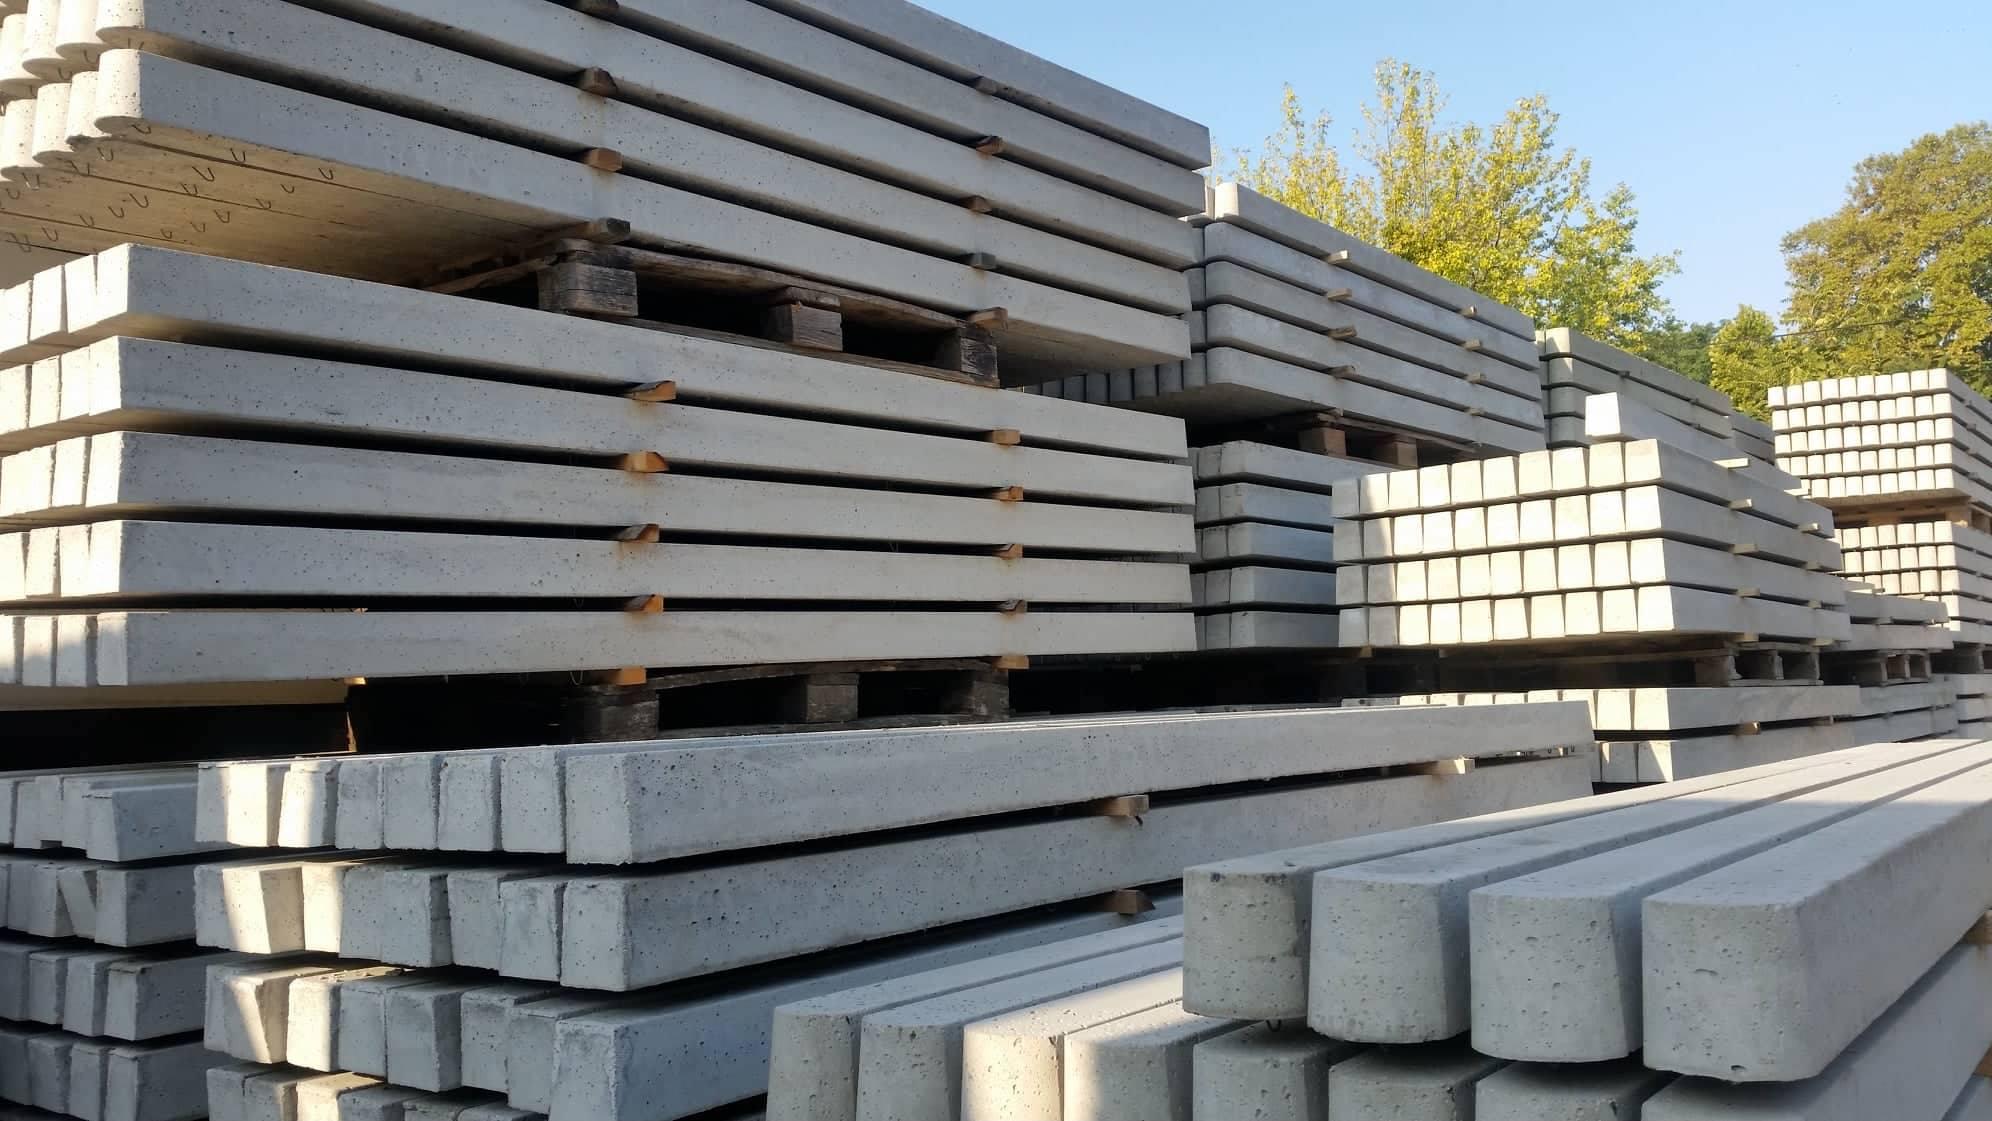 Vadháló, betonoszlop, kerítésépítés, drótháló, drótfonat, kerítés drót, kerítés építés, vadkerítés, beton oszlop